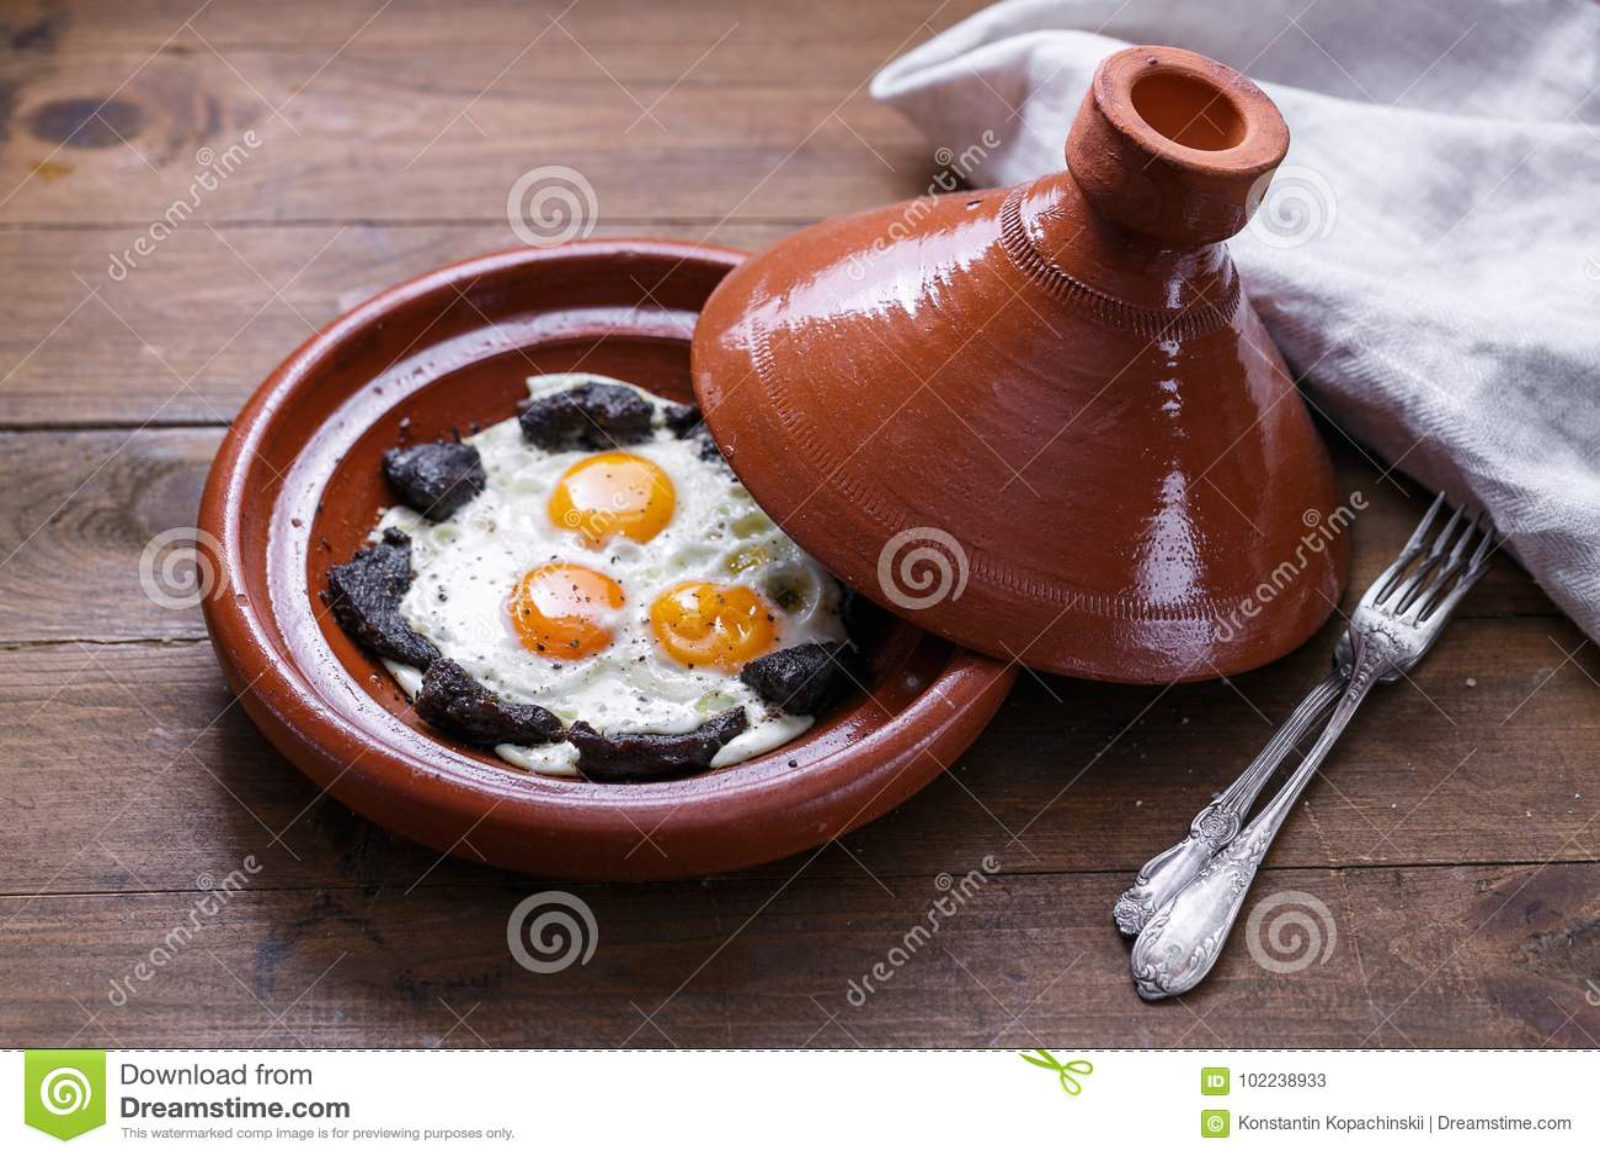 煎蛋和牛肉接近的看法在tajine盘,传统摩洛哥盘